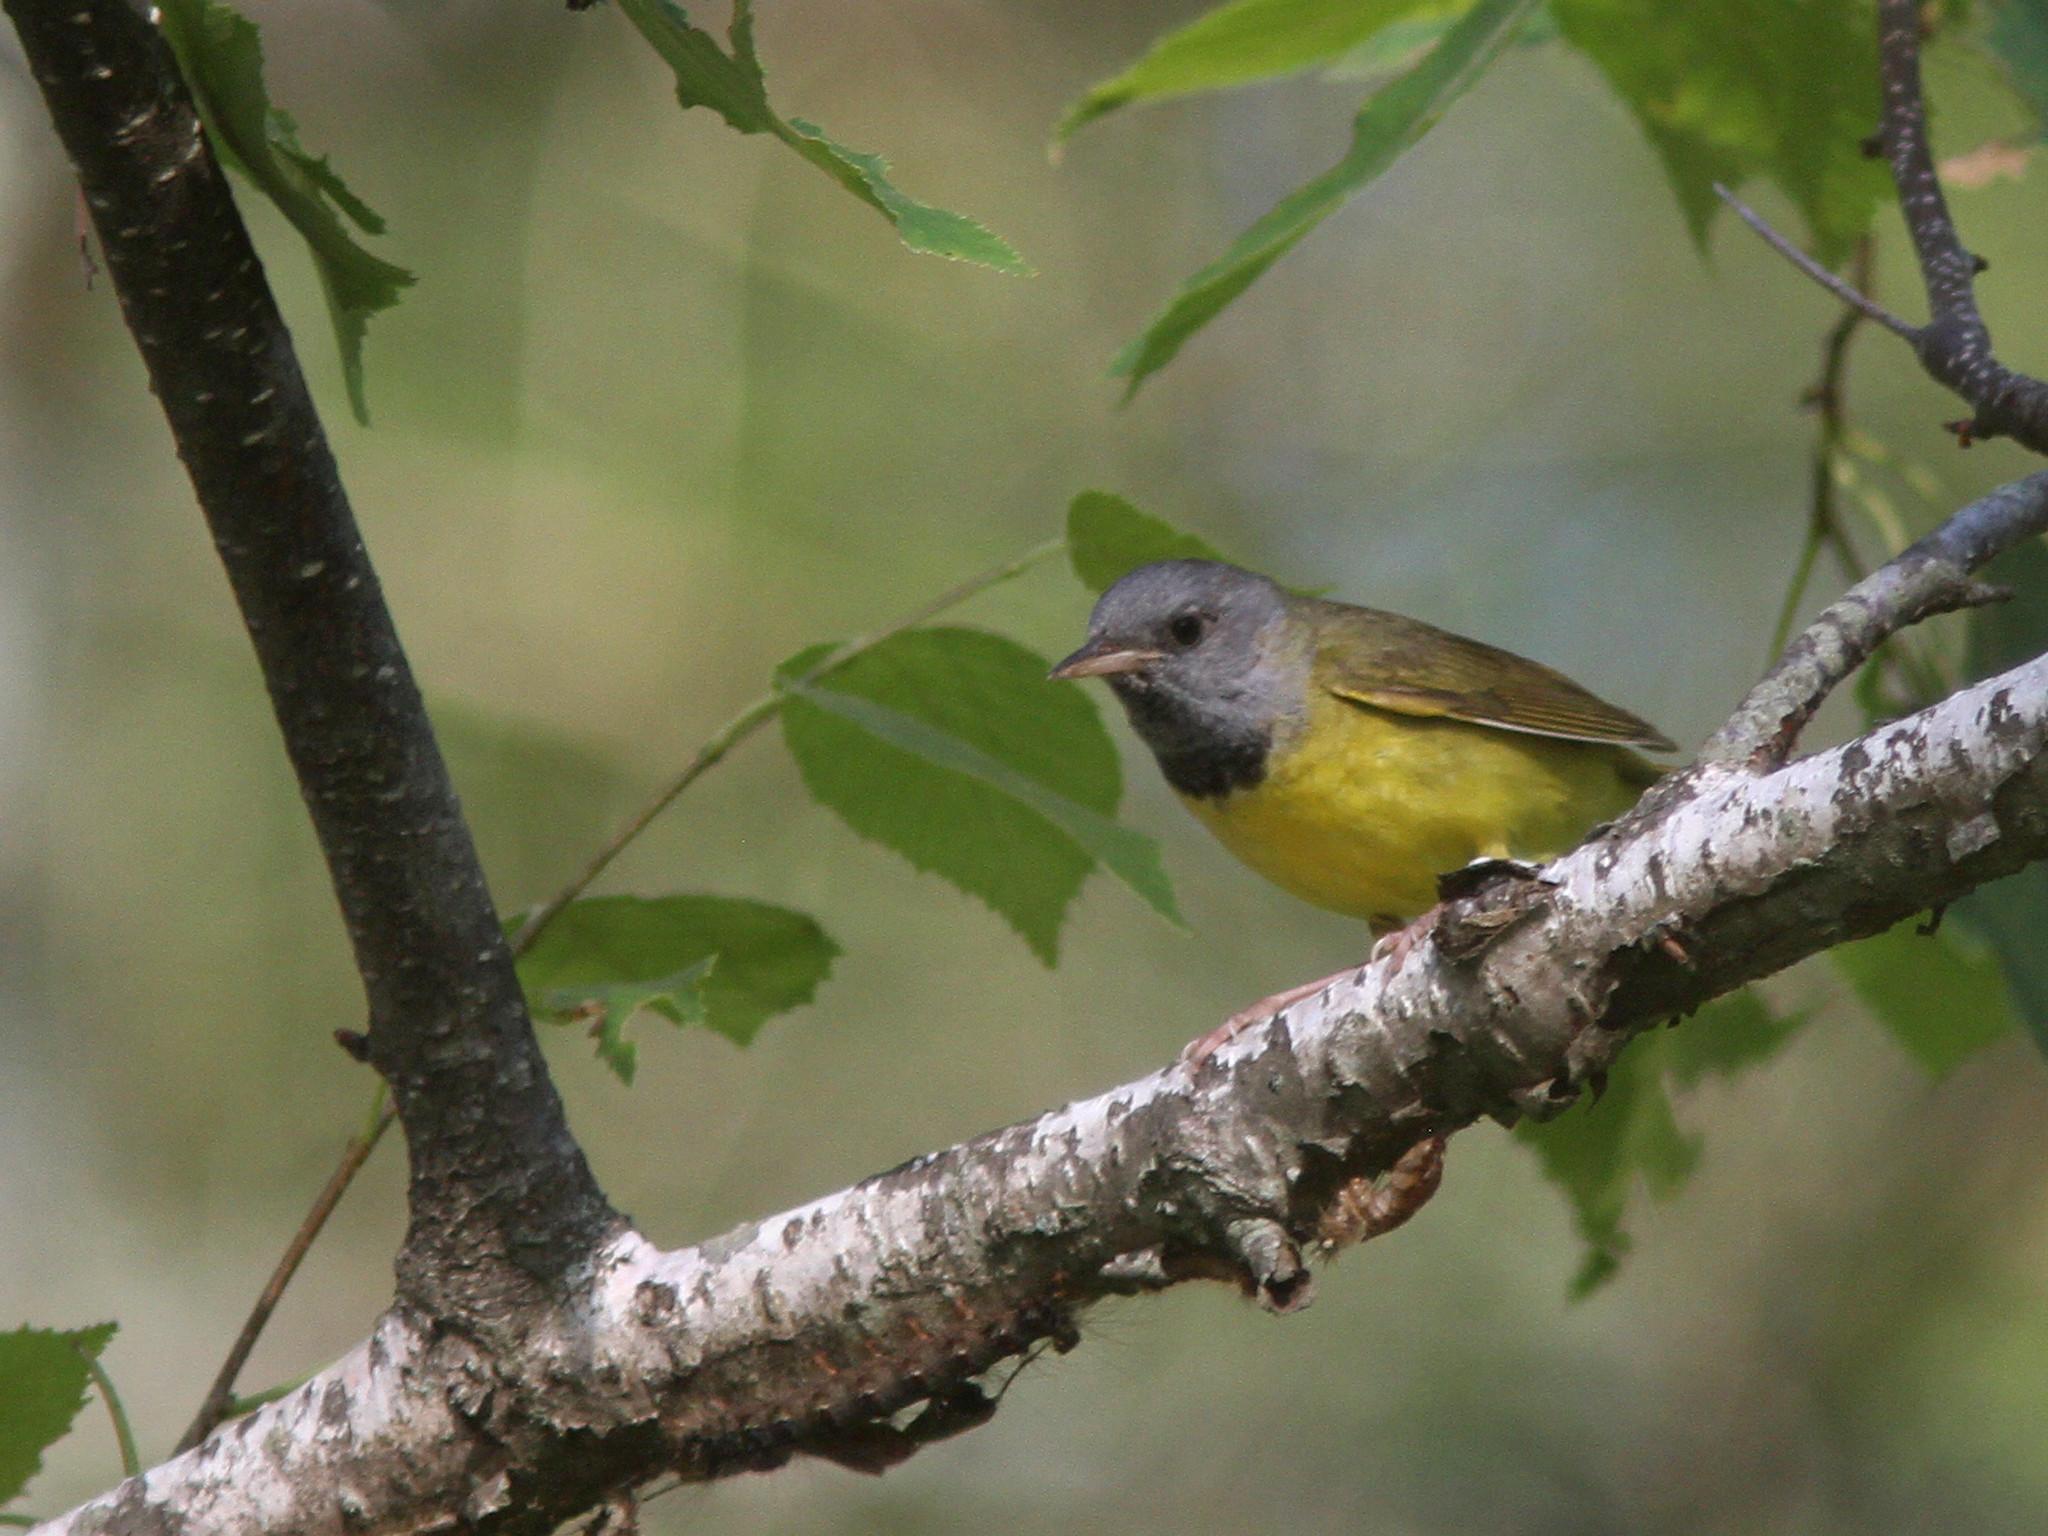 Quabbin birding and beyond: Mourning Warbler at Quabbin ...